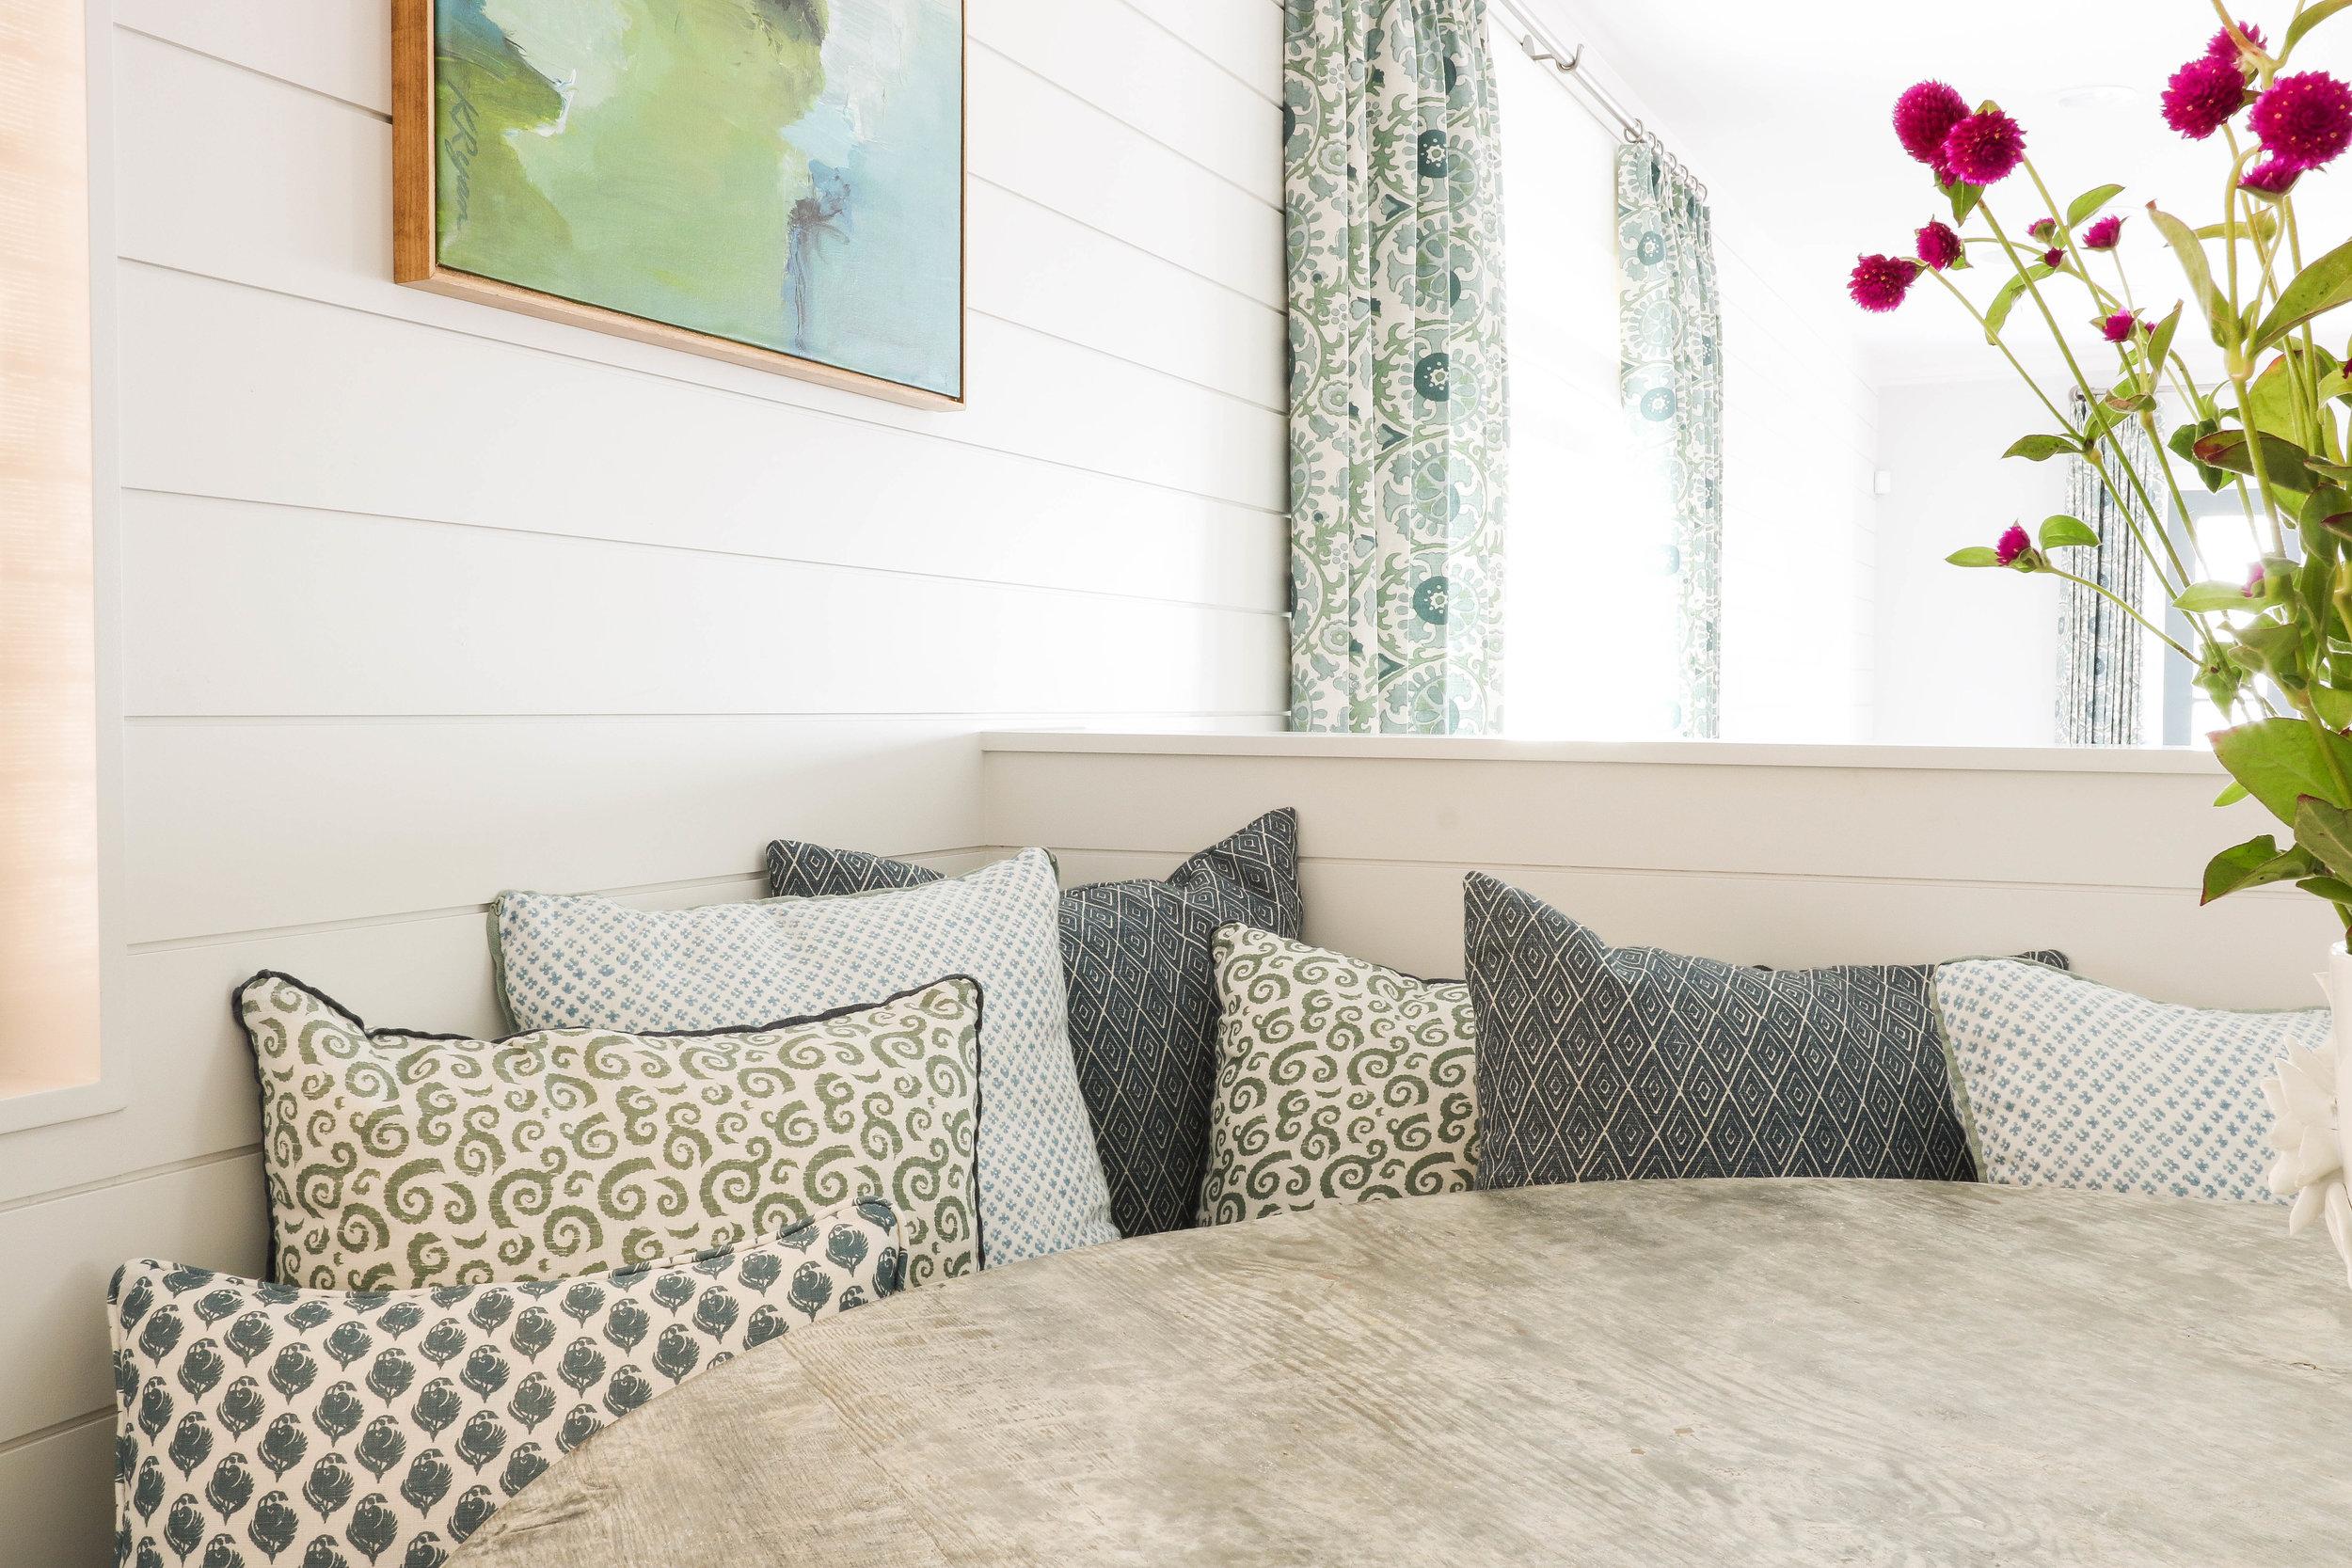 kitchen nook pillows.jpg